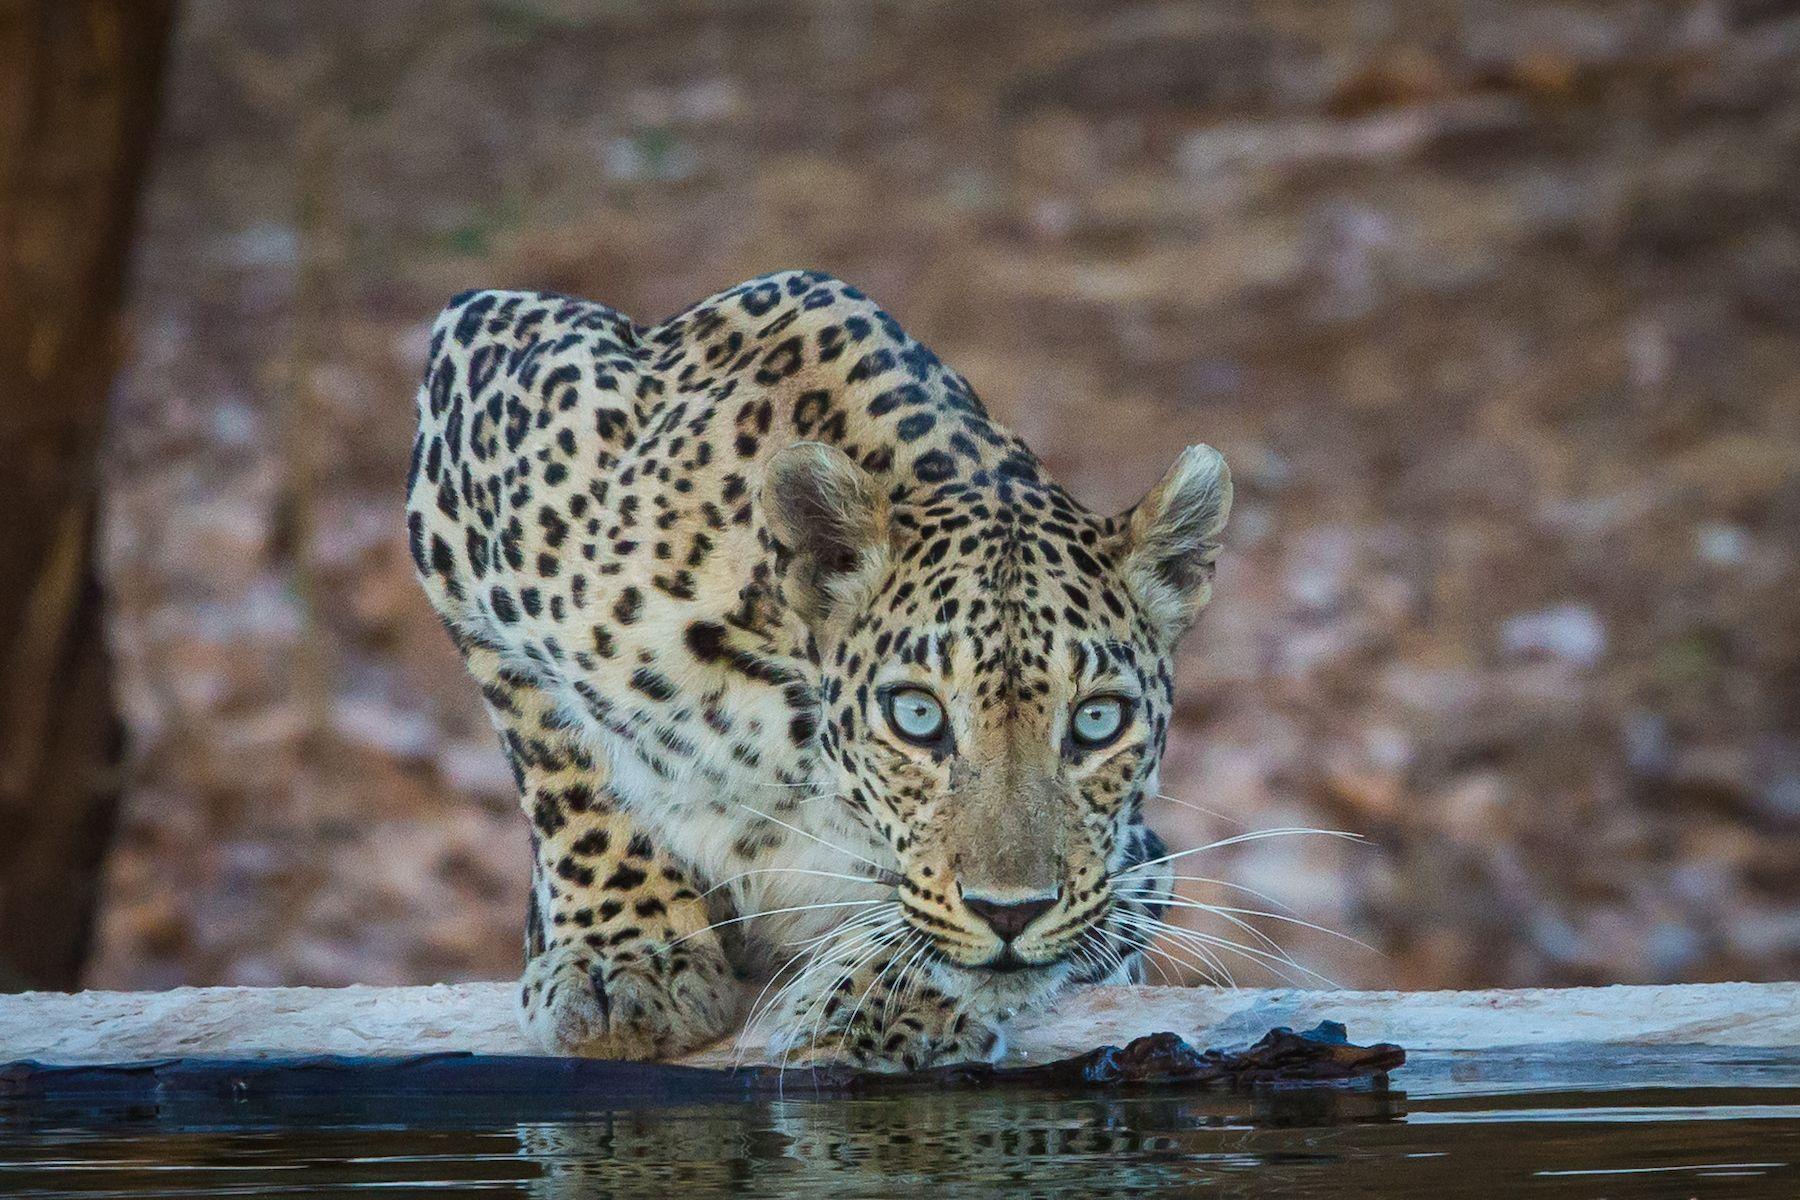 A Leopard drinking in Gir Forest, Gujarat